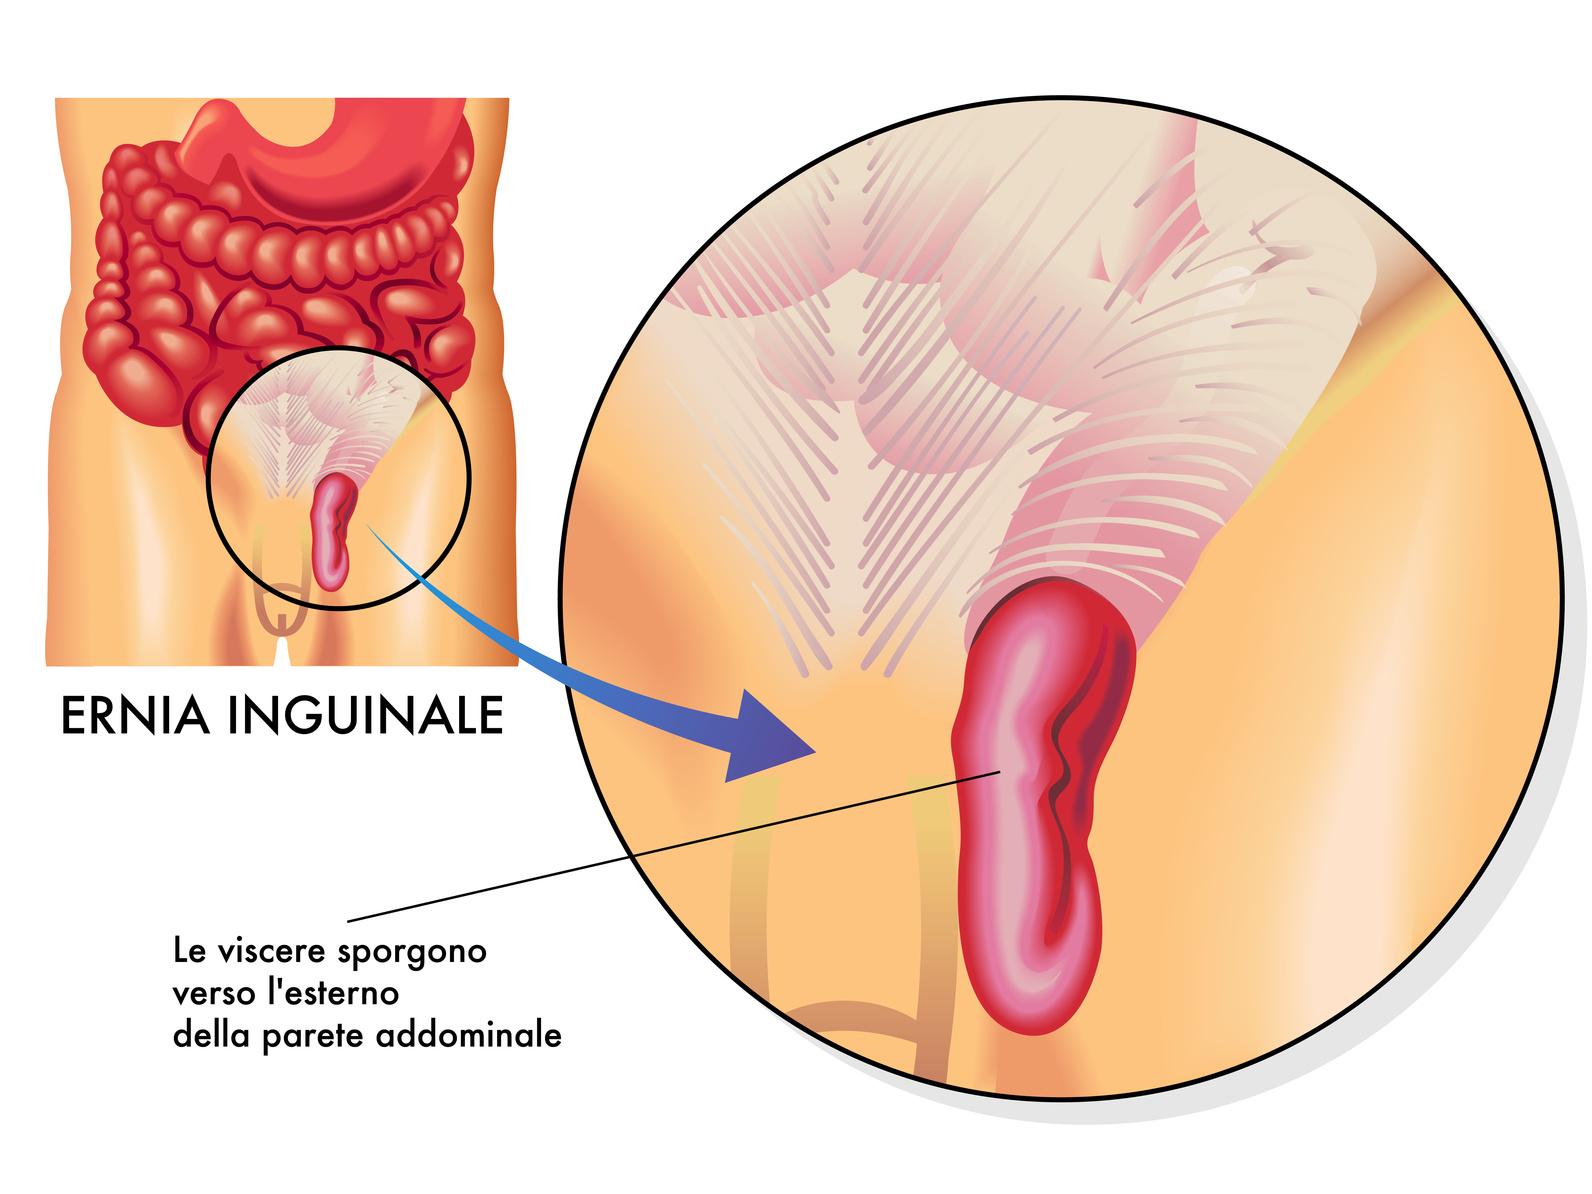 ernia-inguinale-2b